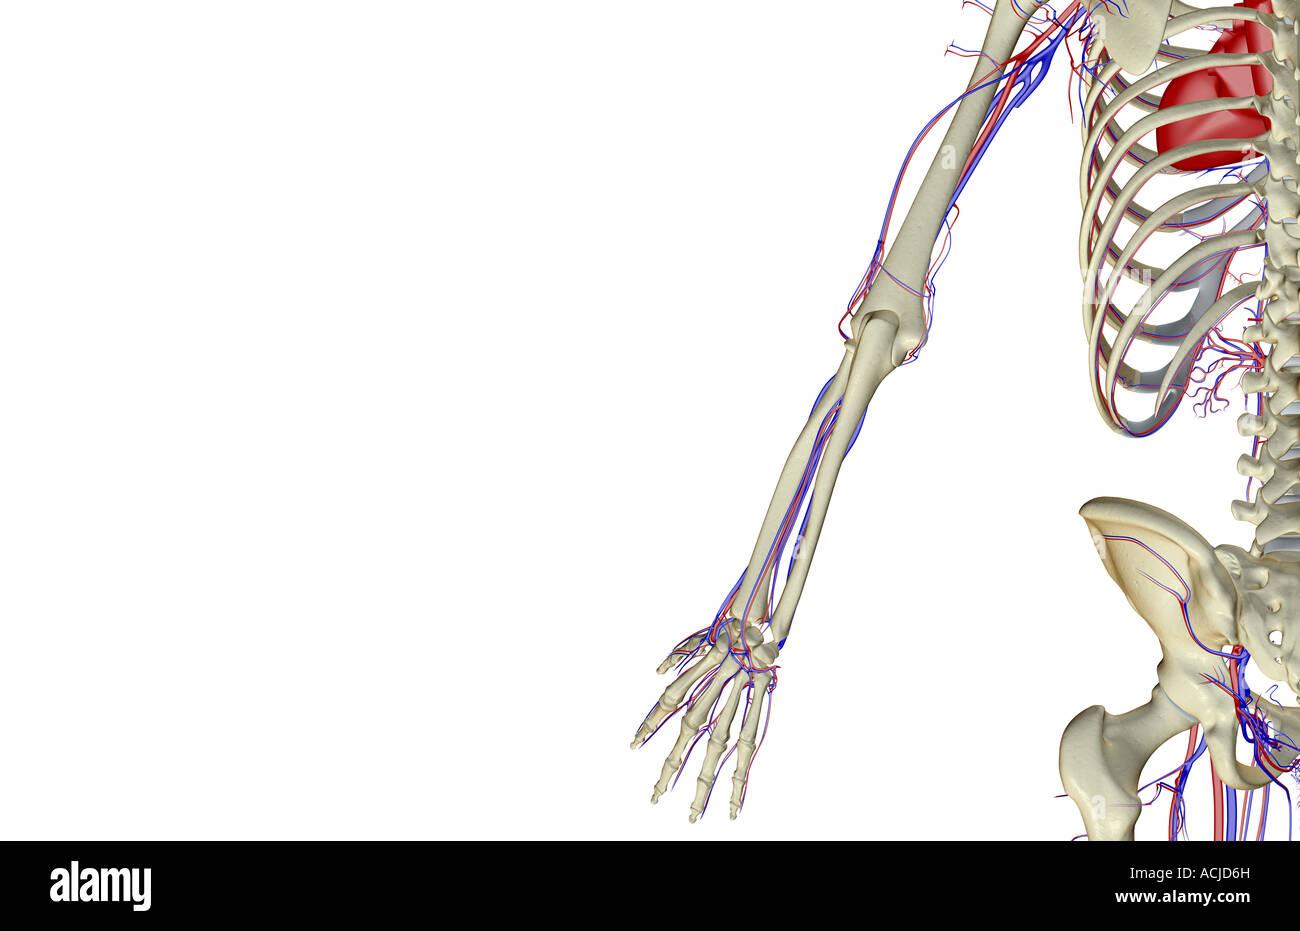 Großartig Obere Extremität Anatomie Bilder Bilder - Physiologie Von ...